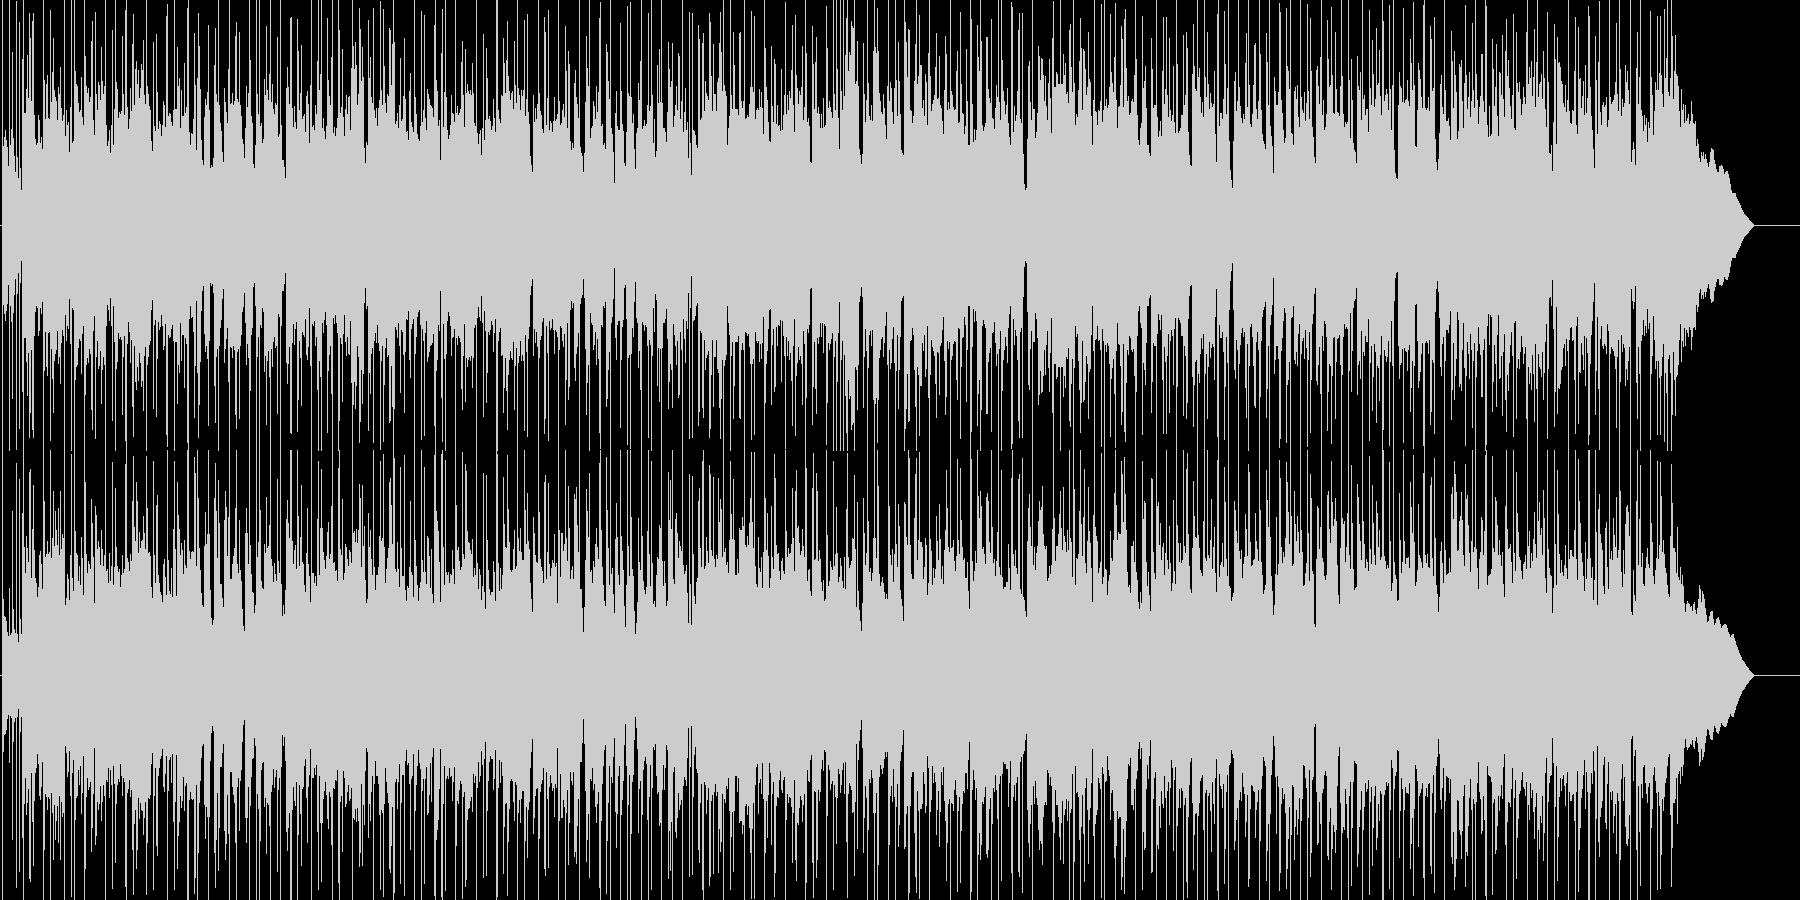 ギターによるほのぼのイージーリスニングの未再生の波形